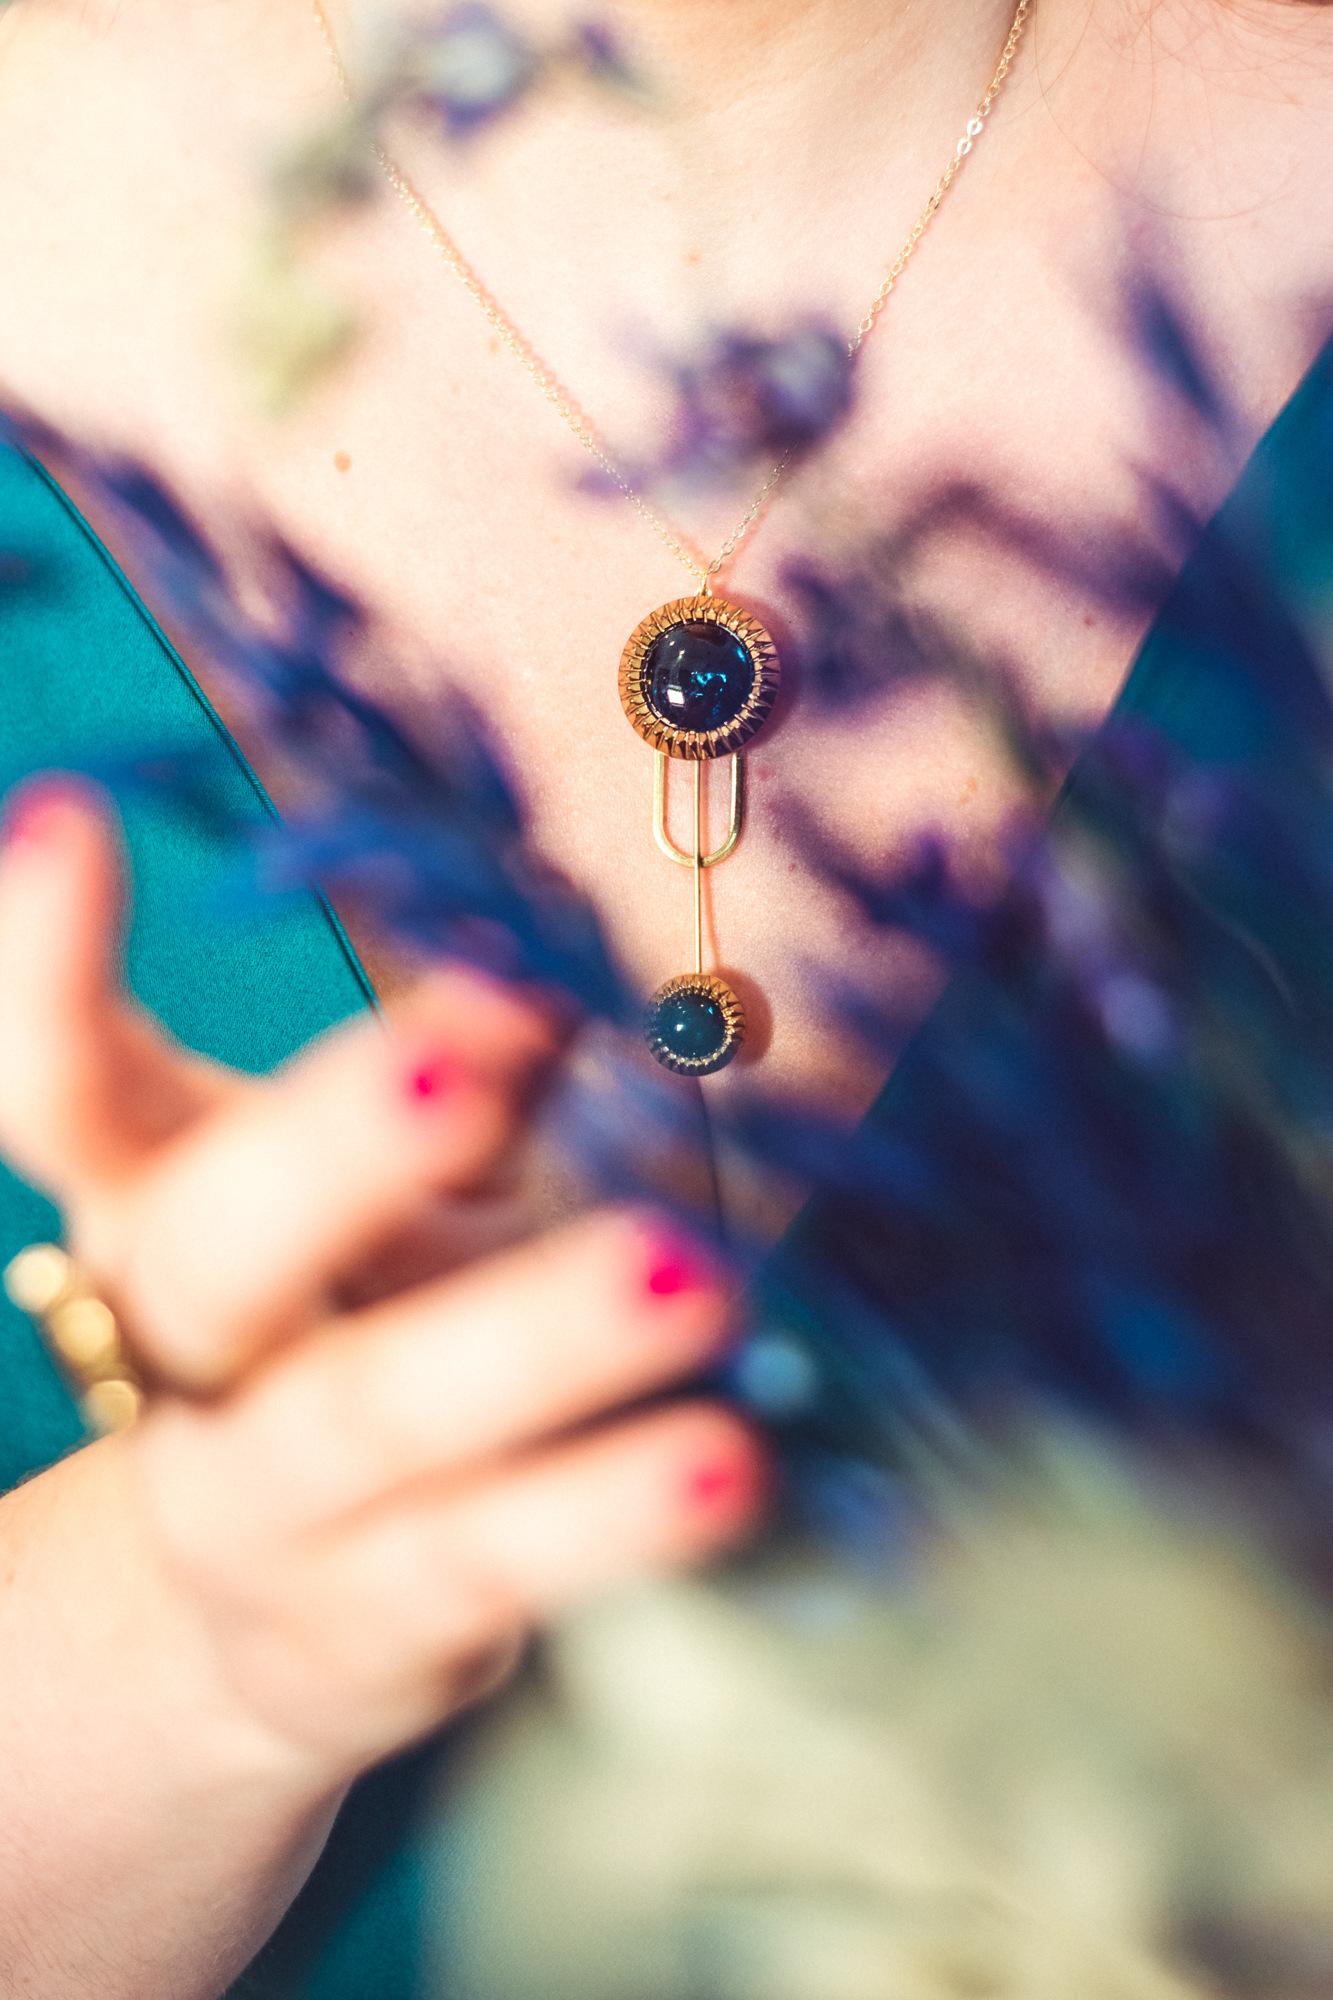 Assuna - Collier Ysée Eva - bijoux léger géométrique bouton ancien inspiration vintage - look